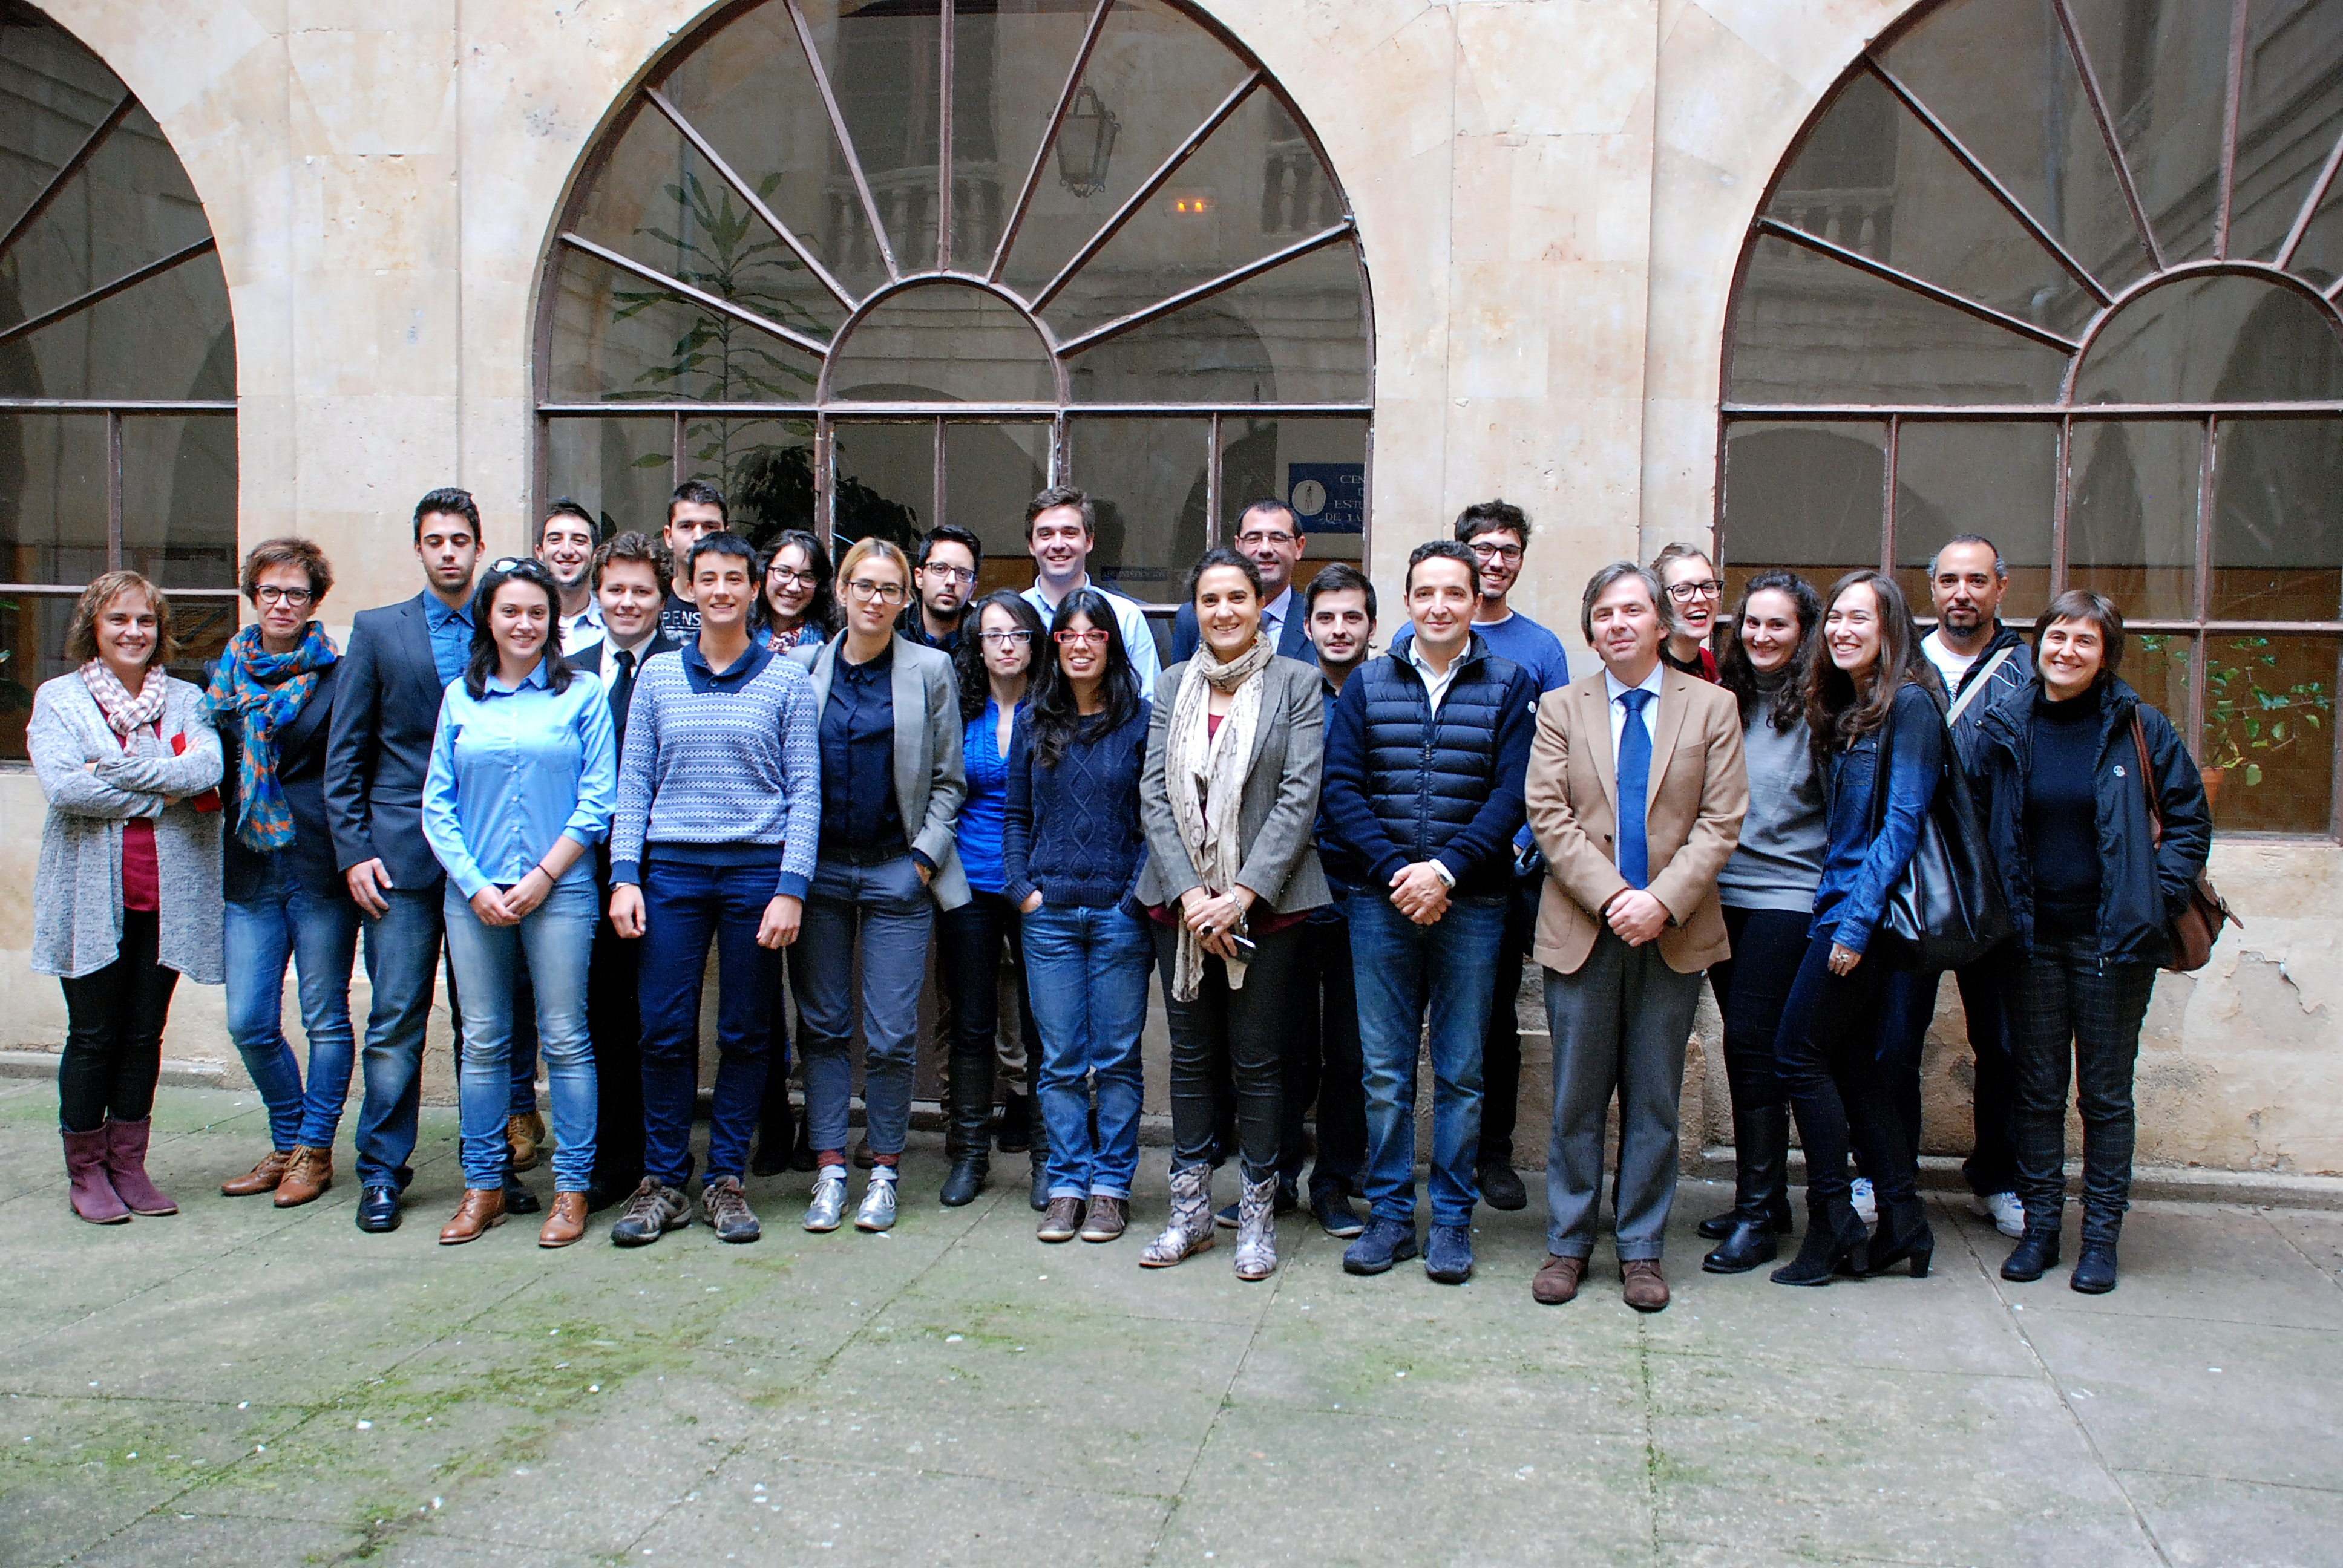 El vicerrector de Investigación y Transferencia, Juan Manuel Corchado, clausura el curso sobre iniciativa emprendedora